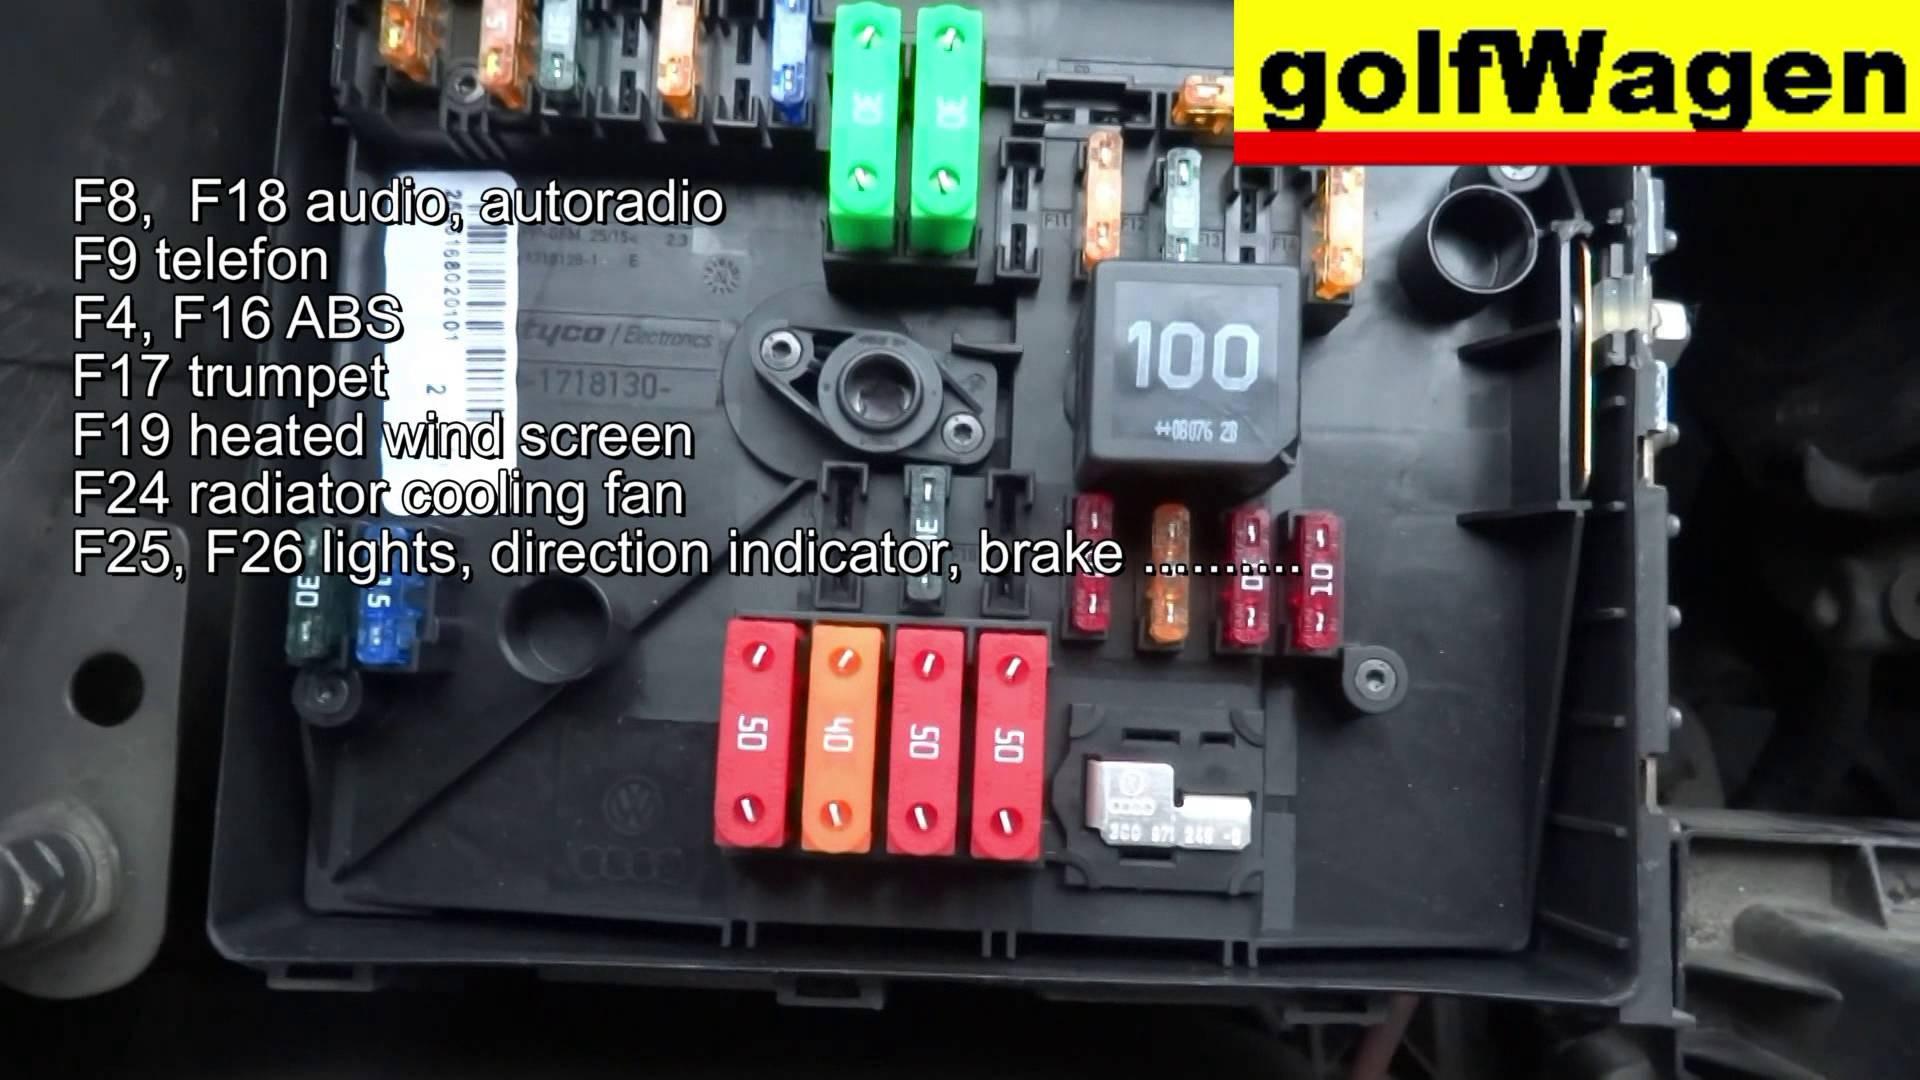 Vw Golf Engine Diagram Vw Golf 5 Fuse Location and Fuse Diagram Engine Fuse too Of Vw Golf Engine Diagram